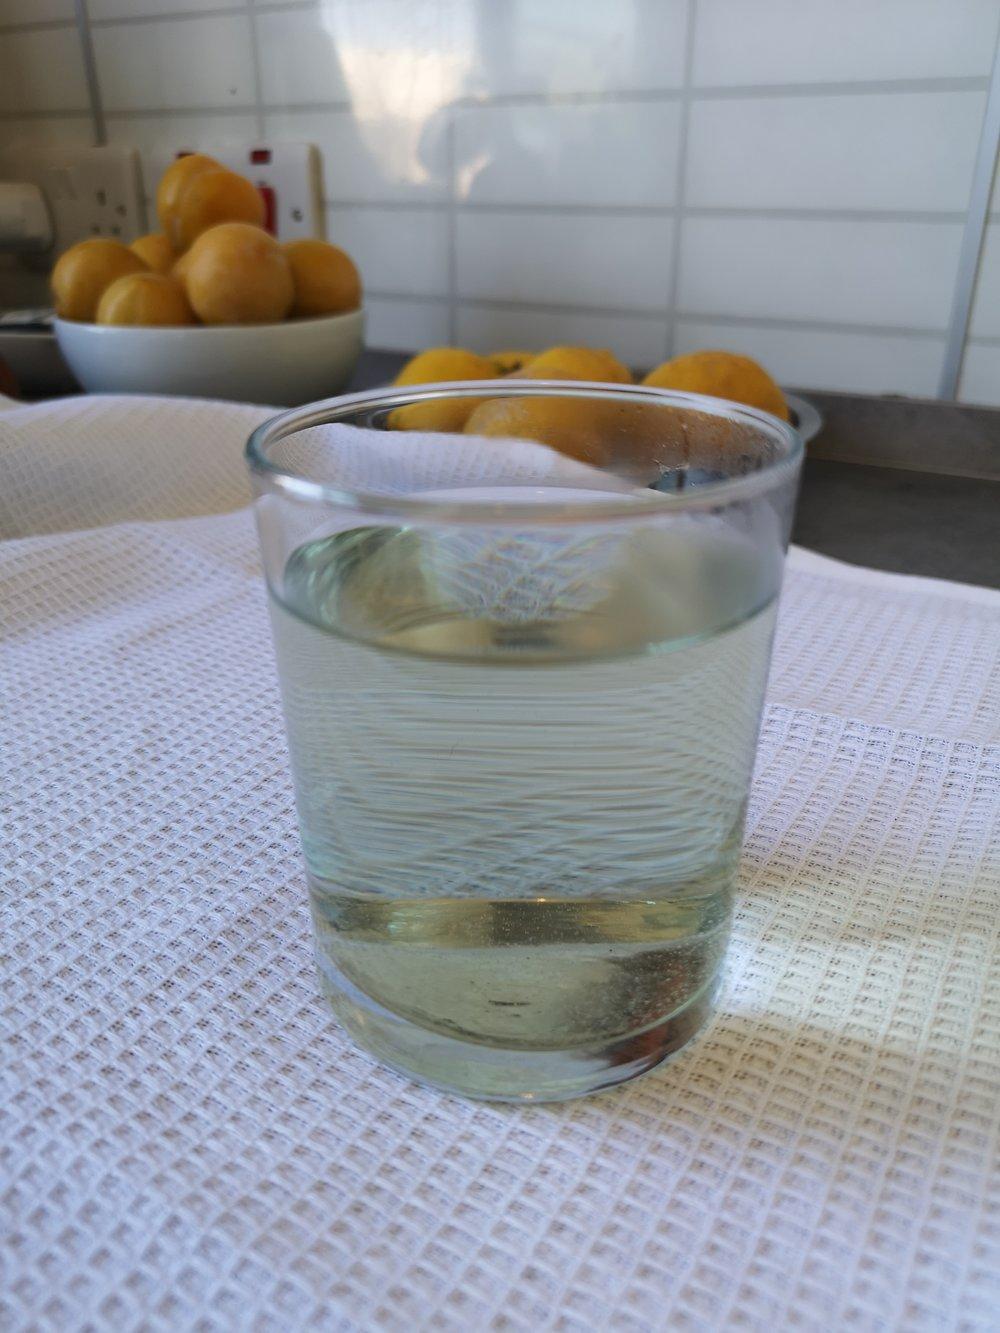 Malva tea made of fresh flowers: before adding lemon